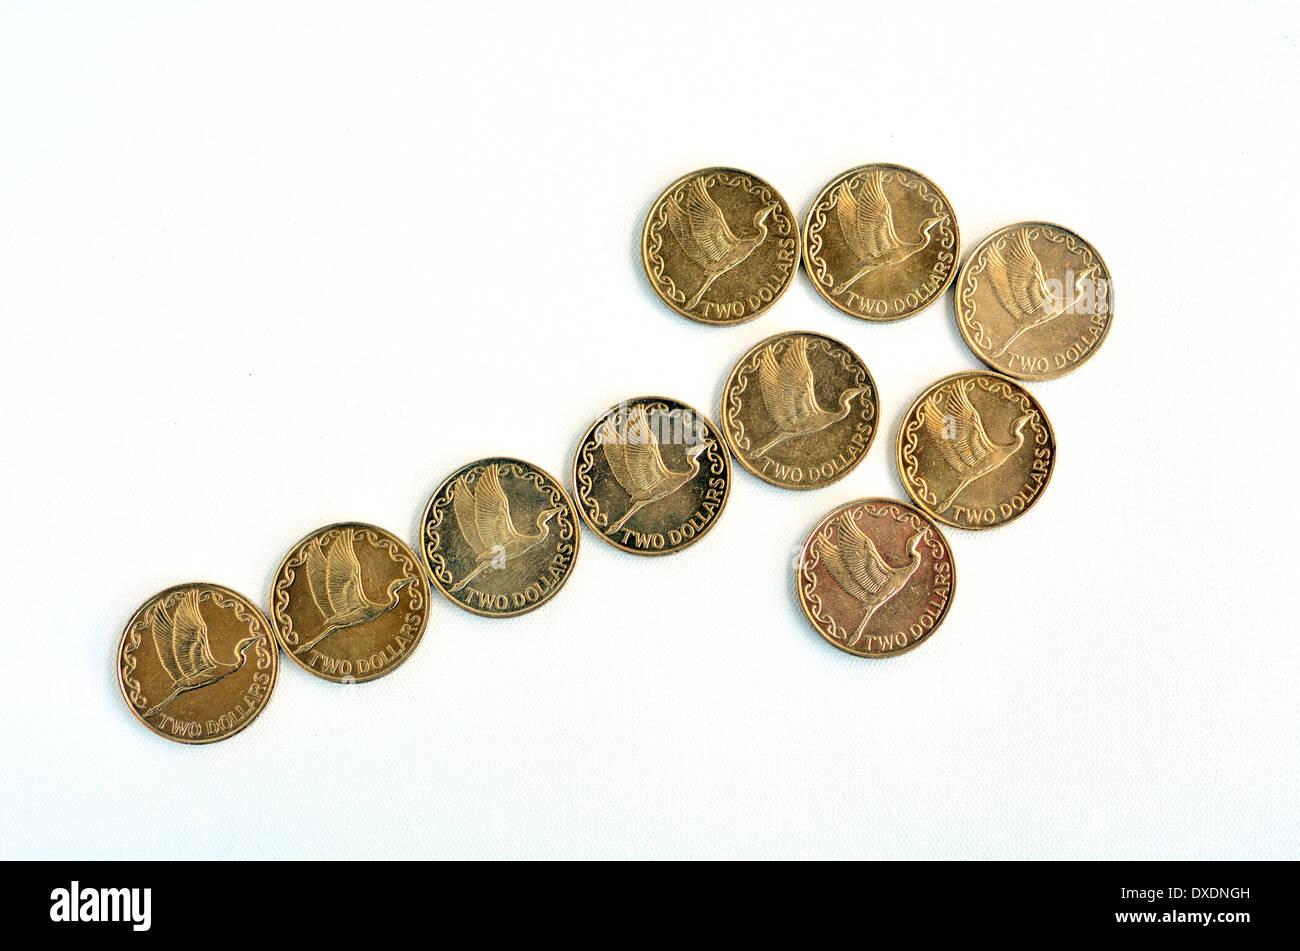 Ein Aufwärtstrend Pfeil Aus Neuseeland Zwei Dollar Münzen